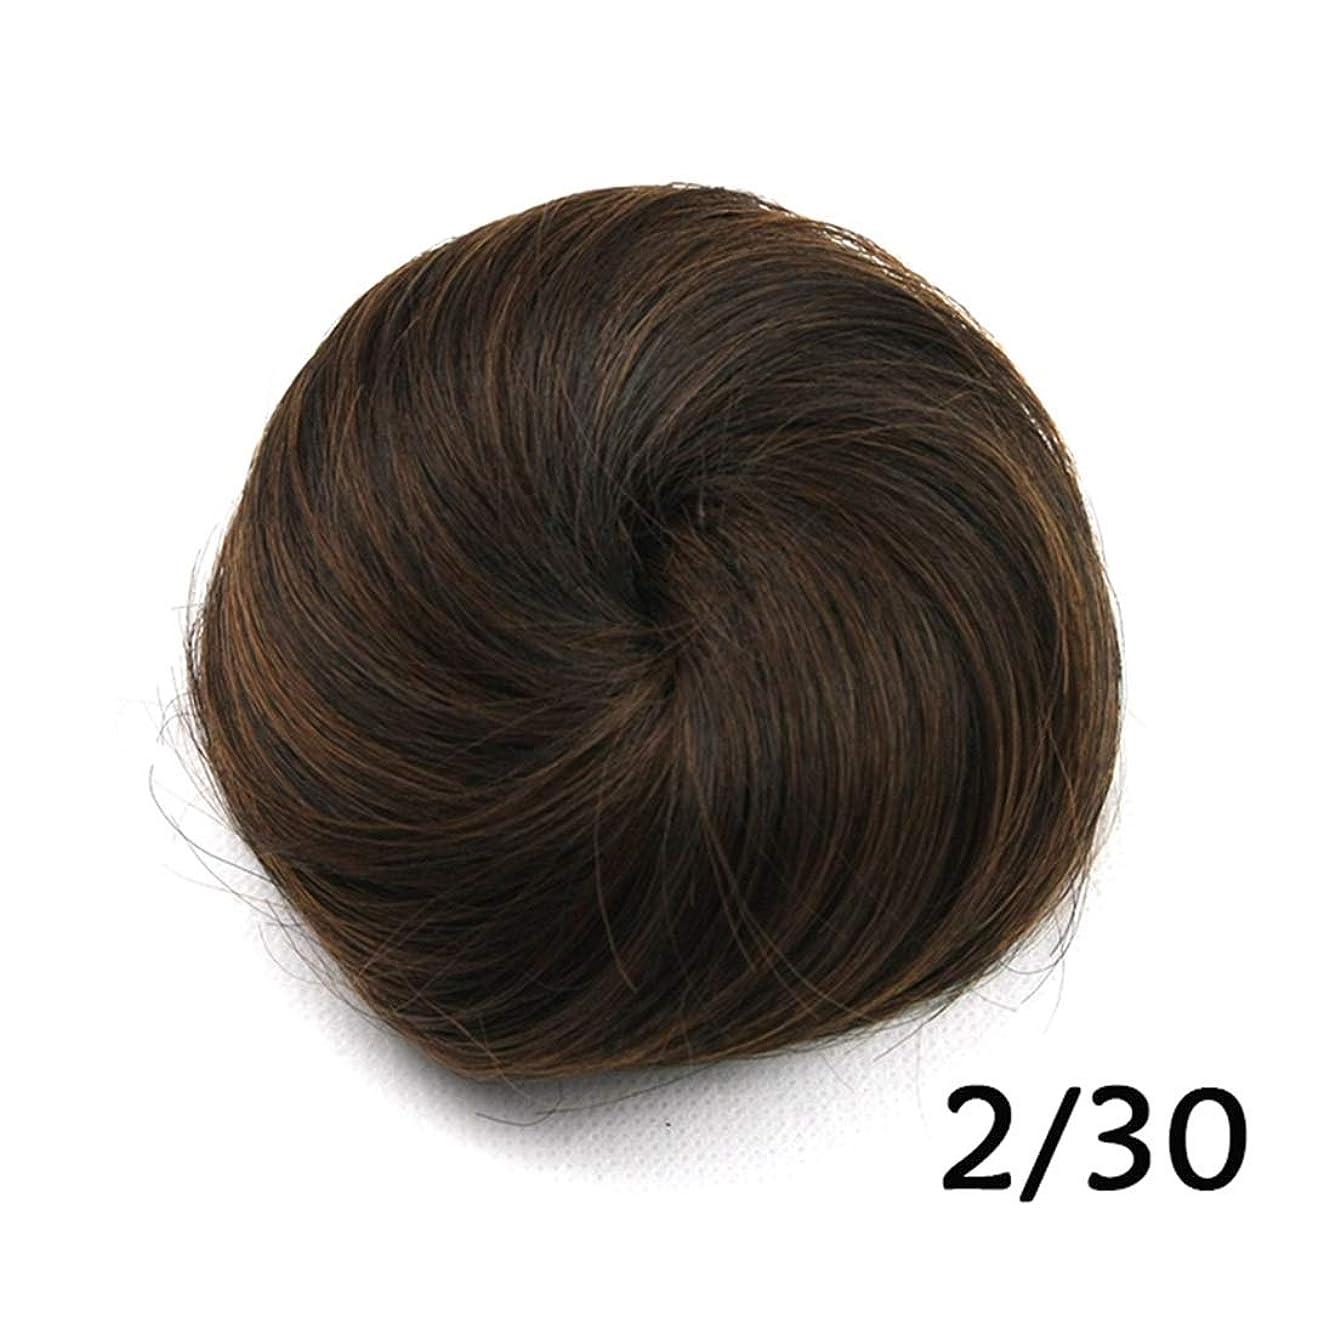 ナイトスポット擬人着替えるKoloeplf メッシーフラワースカル高温シルクミートボールヘッドヘアピース女性のヘアバンド (Color : Color 2/30)